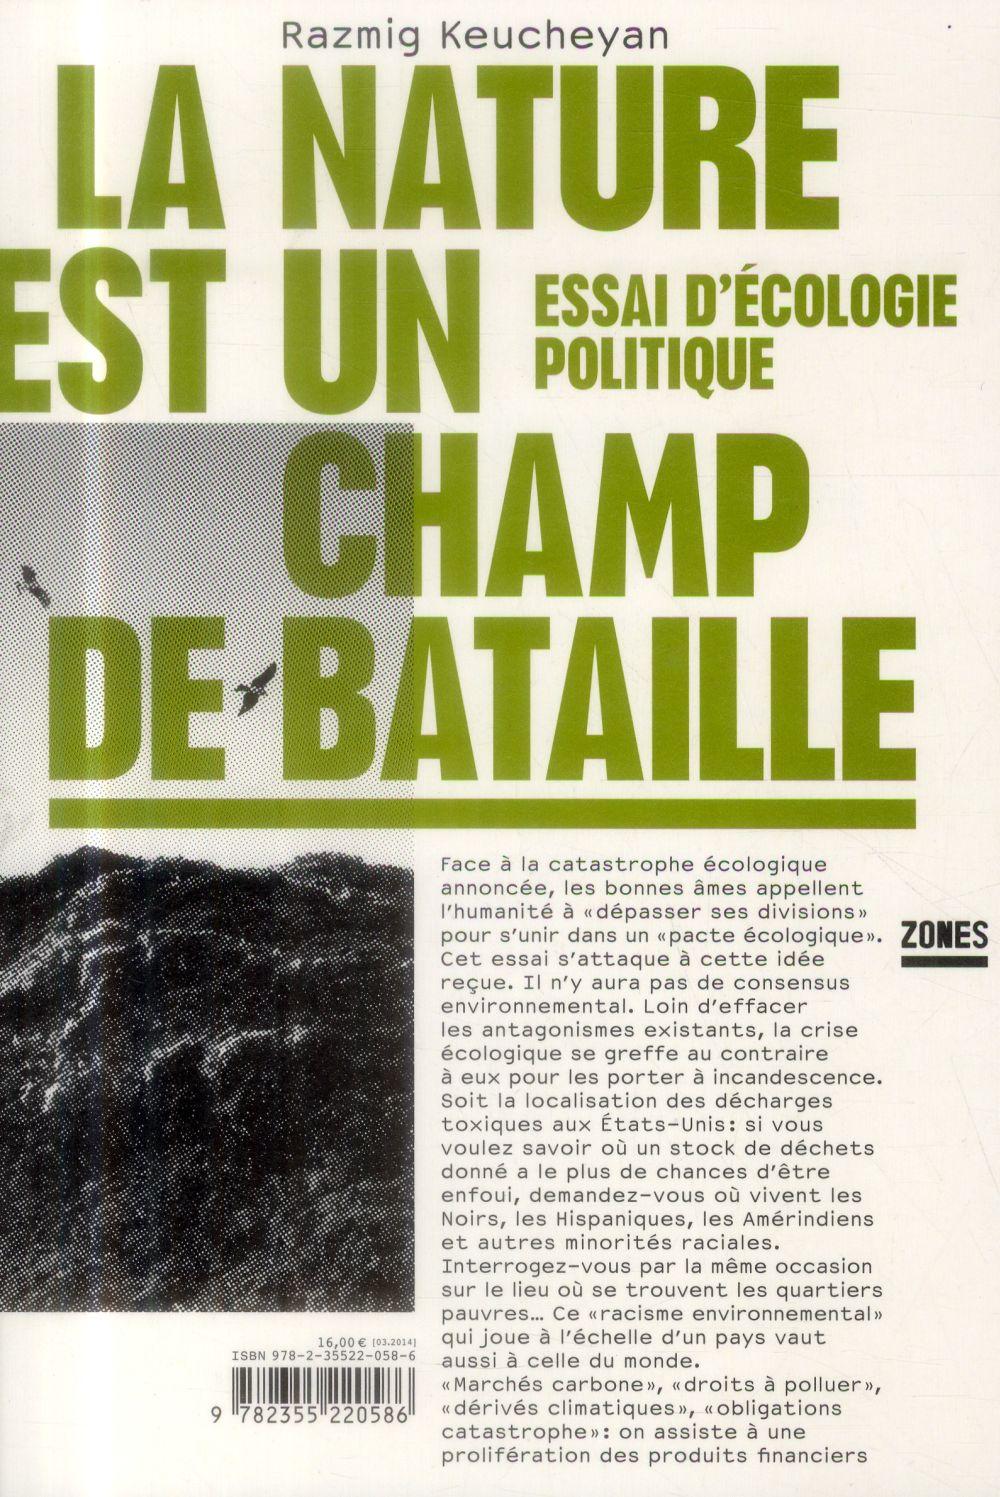 LA NATURE EST UN CHAMP DE BATAILLE : ESSAI D'ECOLOGIE POLITIQUE